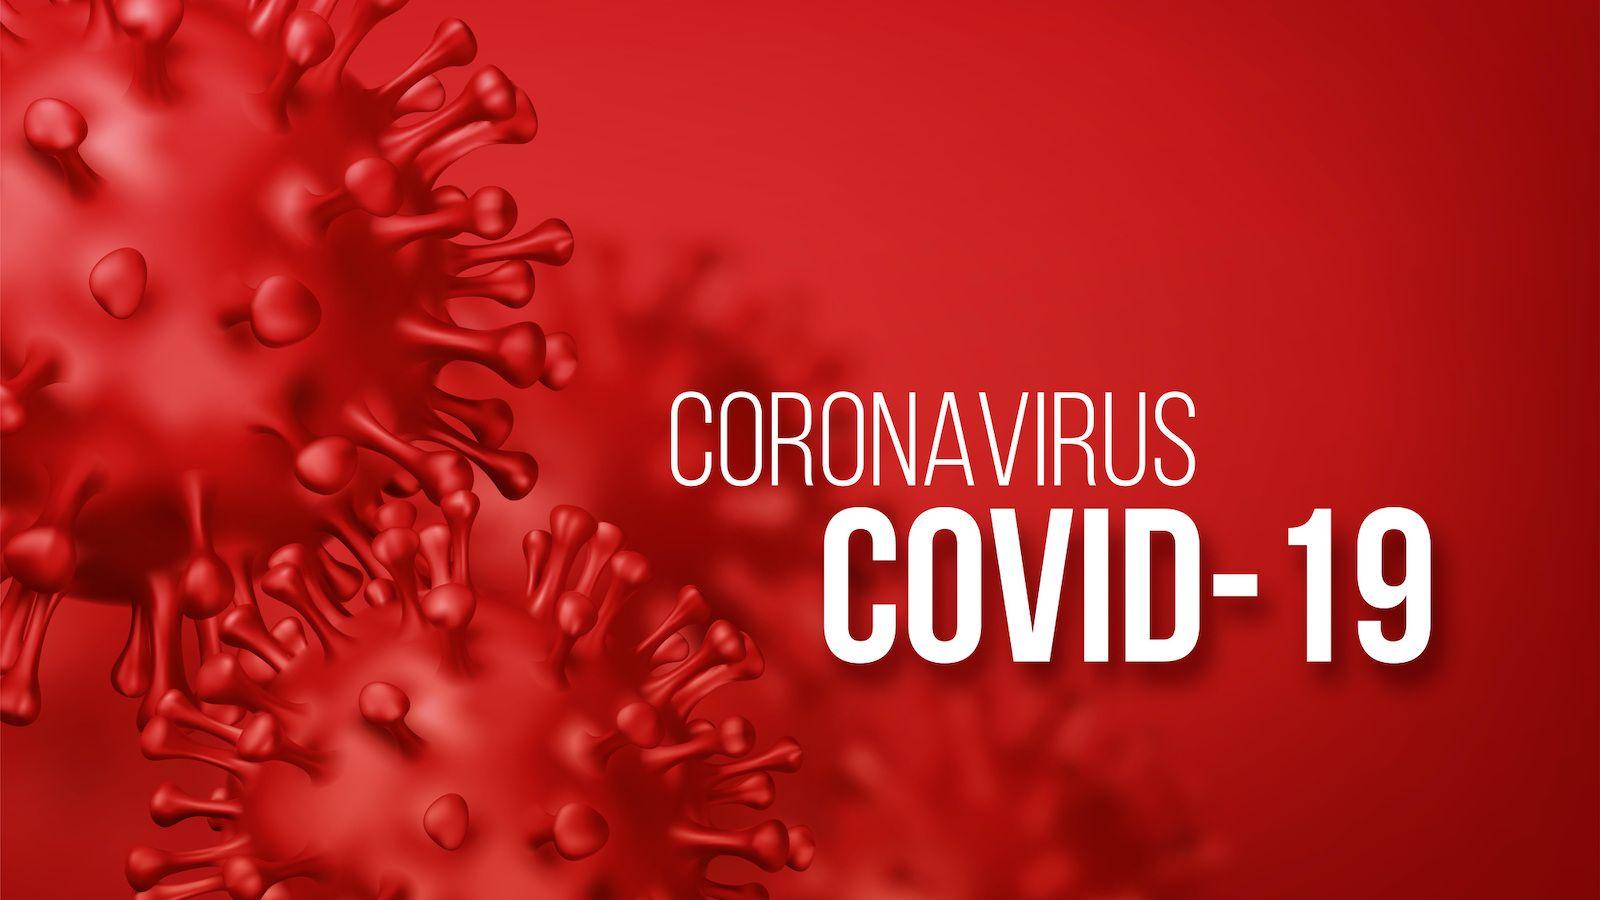 ウィルス 真実 コロナ の